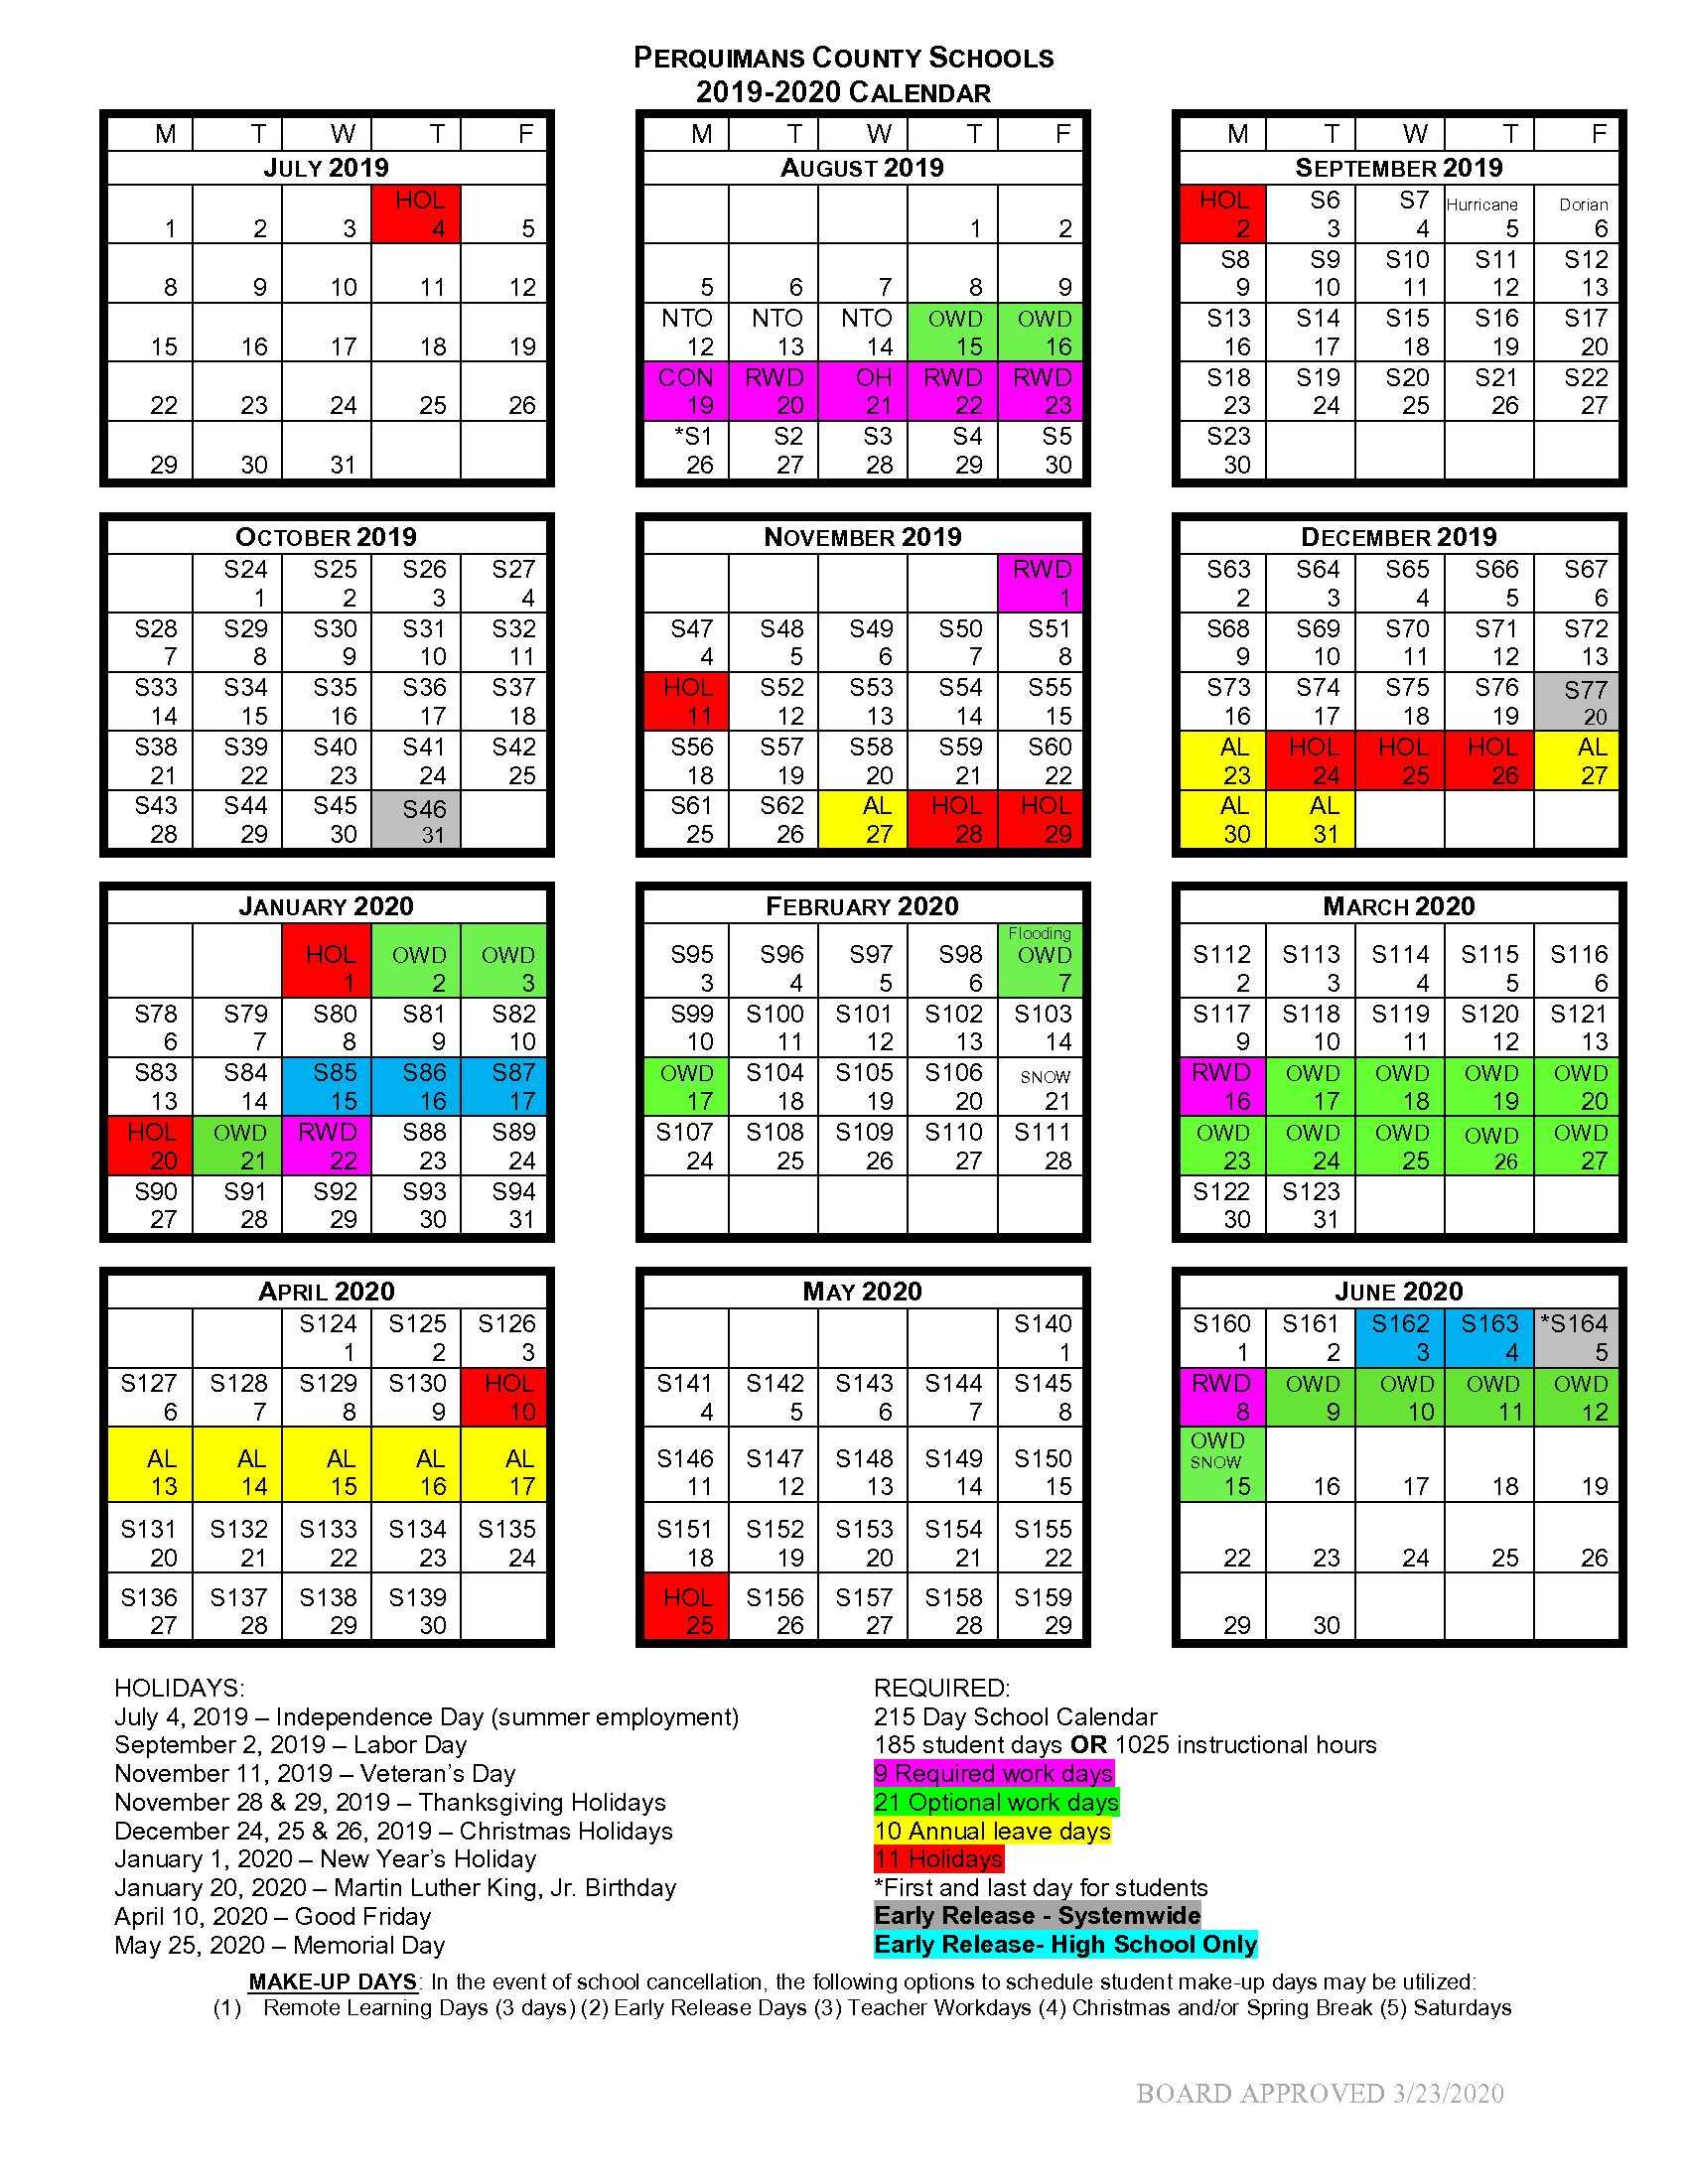 School Calendar 2020 2021 - Perquimans School District With Regard To Woodbridge Township School District Student Calender2021 2020 School Year